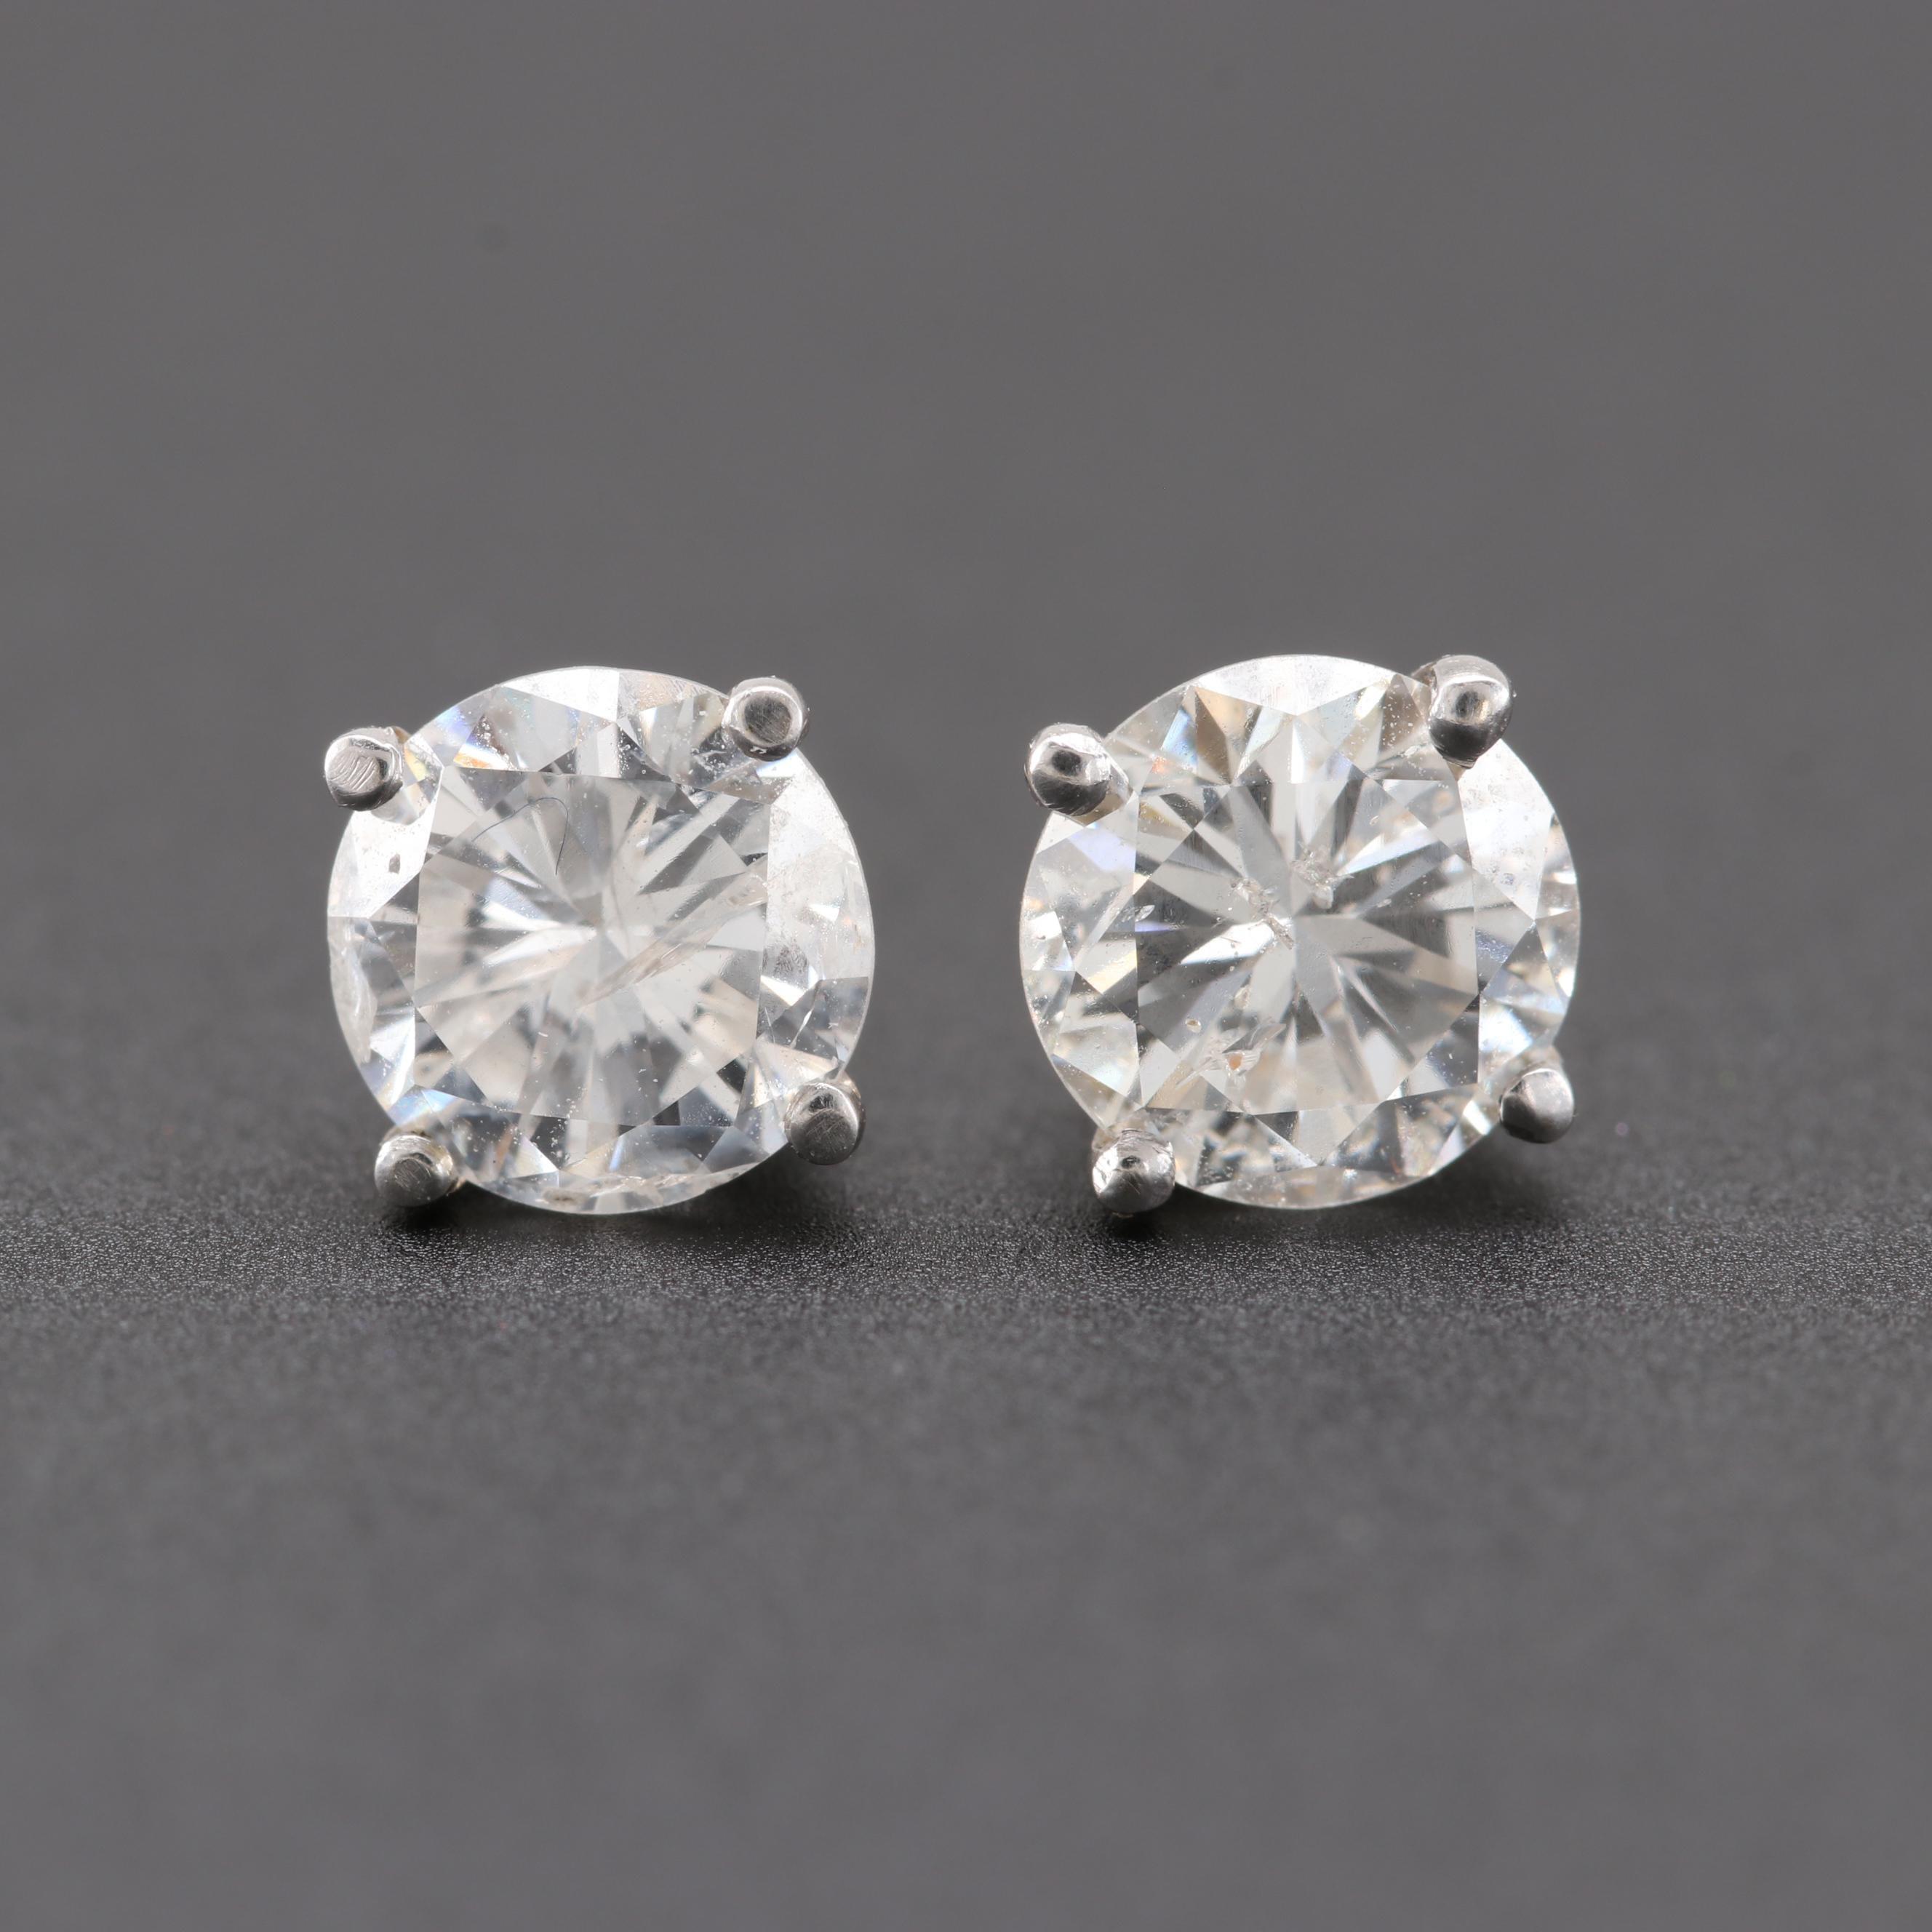 14K White Gold 1.42 CTW Diamond Stud Earrings